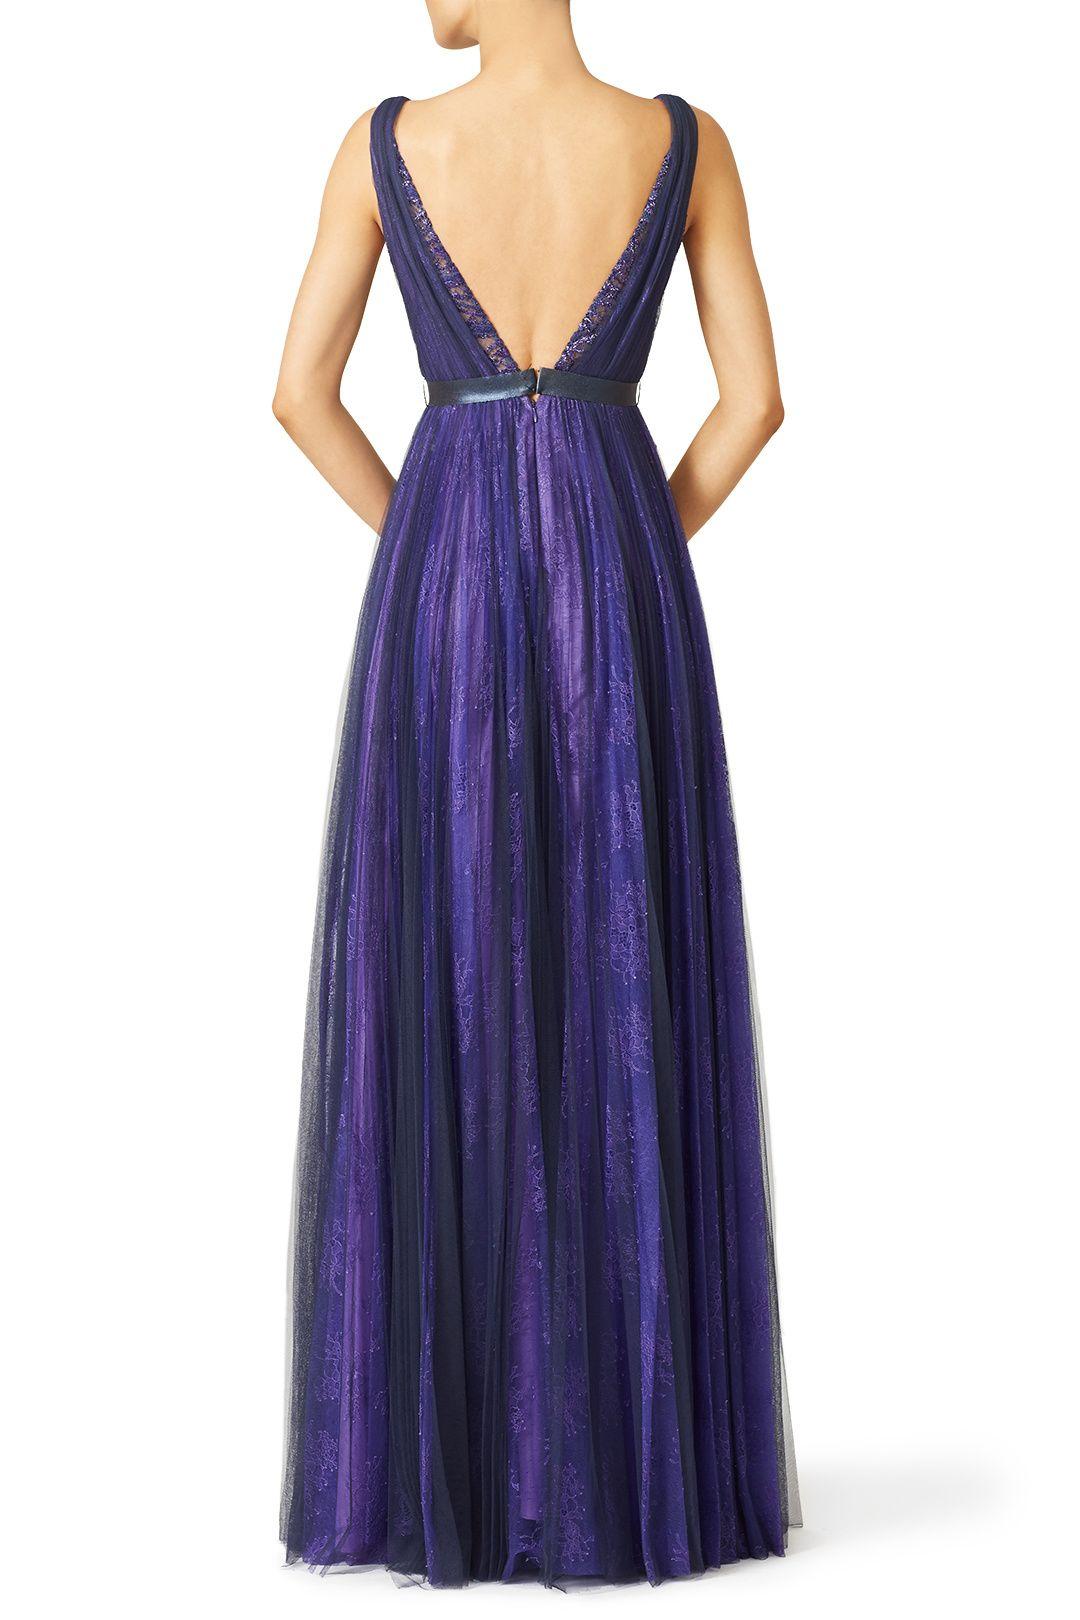 Cassidy Gown by ML Monique Lhuillier | Long dresses | Pinterest